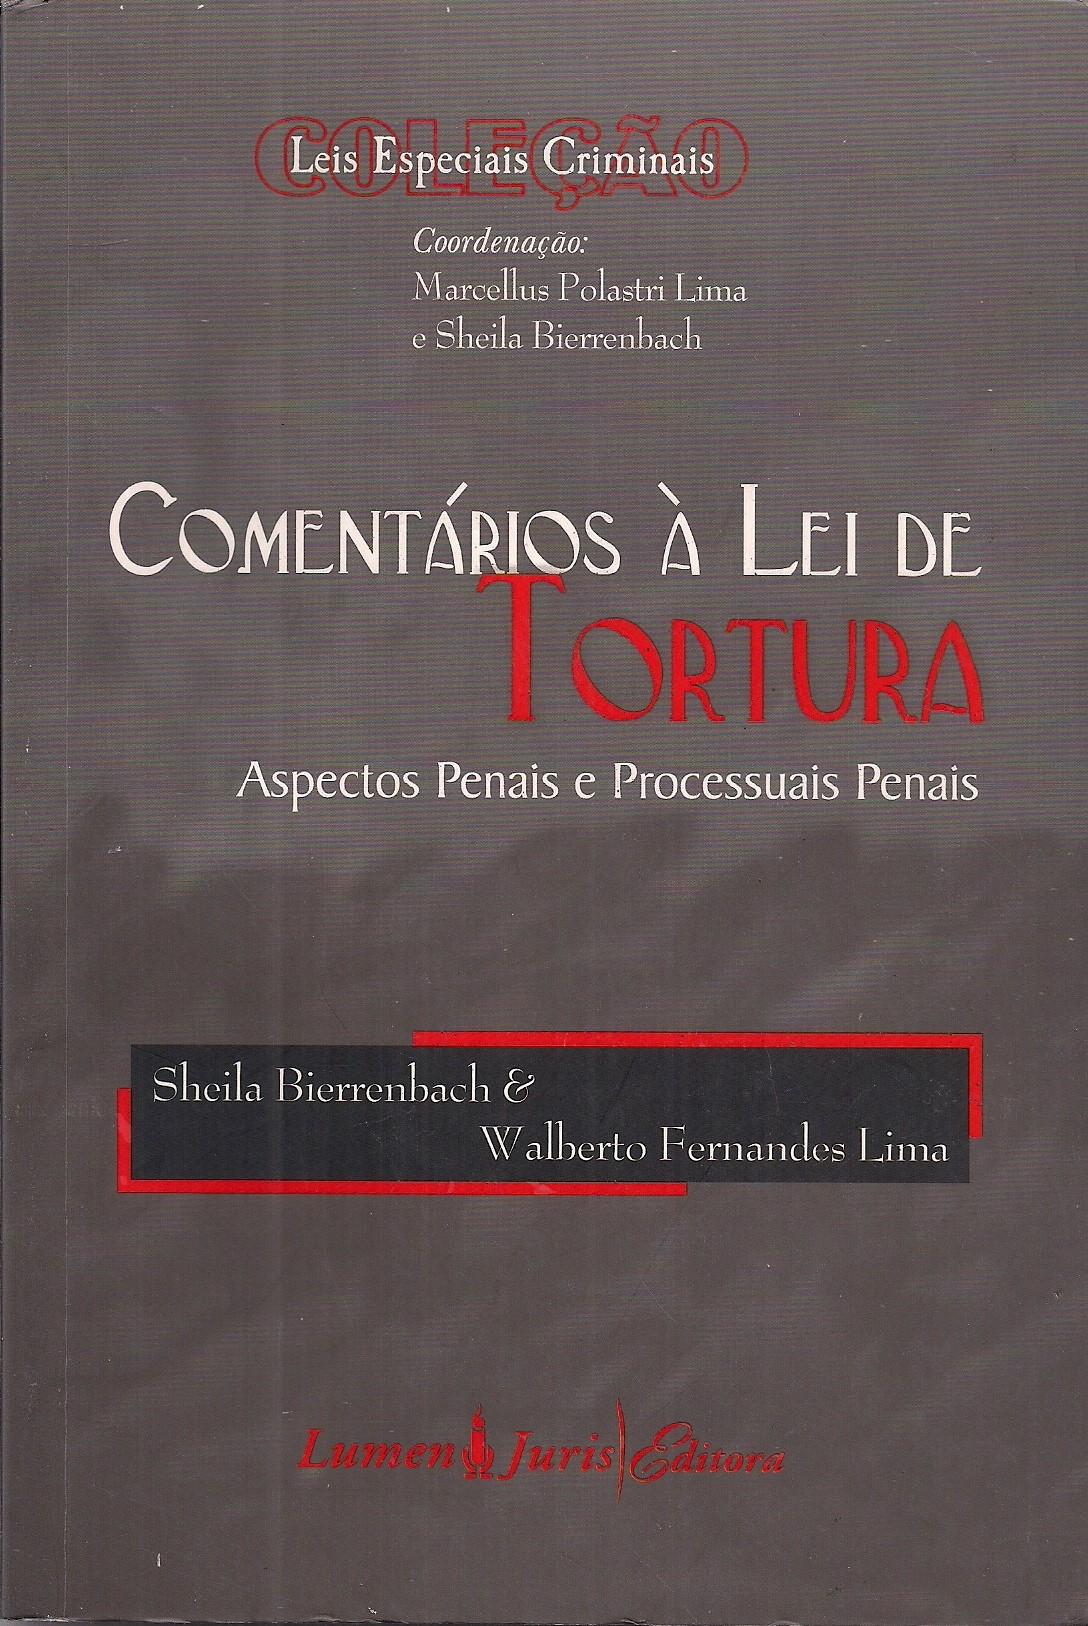 Foto 1 - Comentários À Lei de Tortura - Aspectos Penais e Processuais Penais